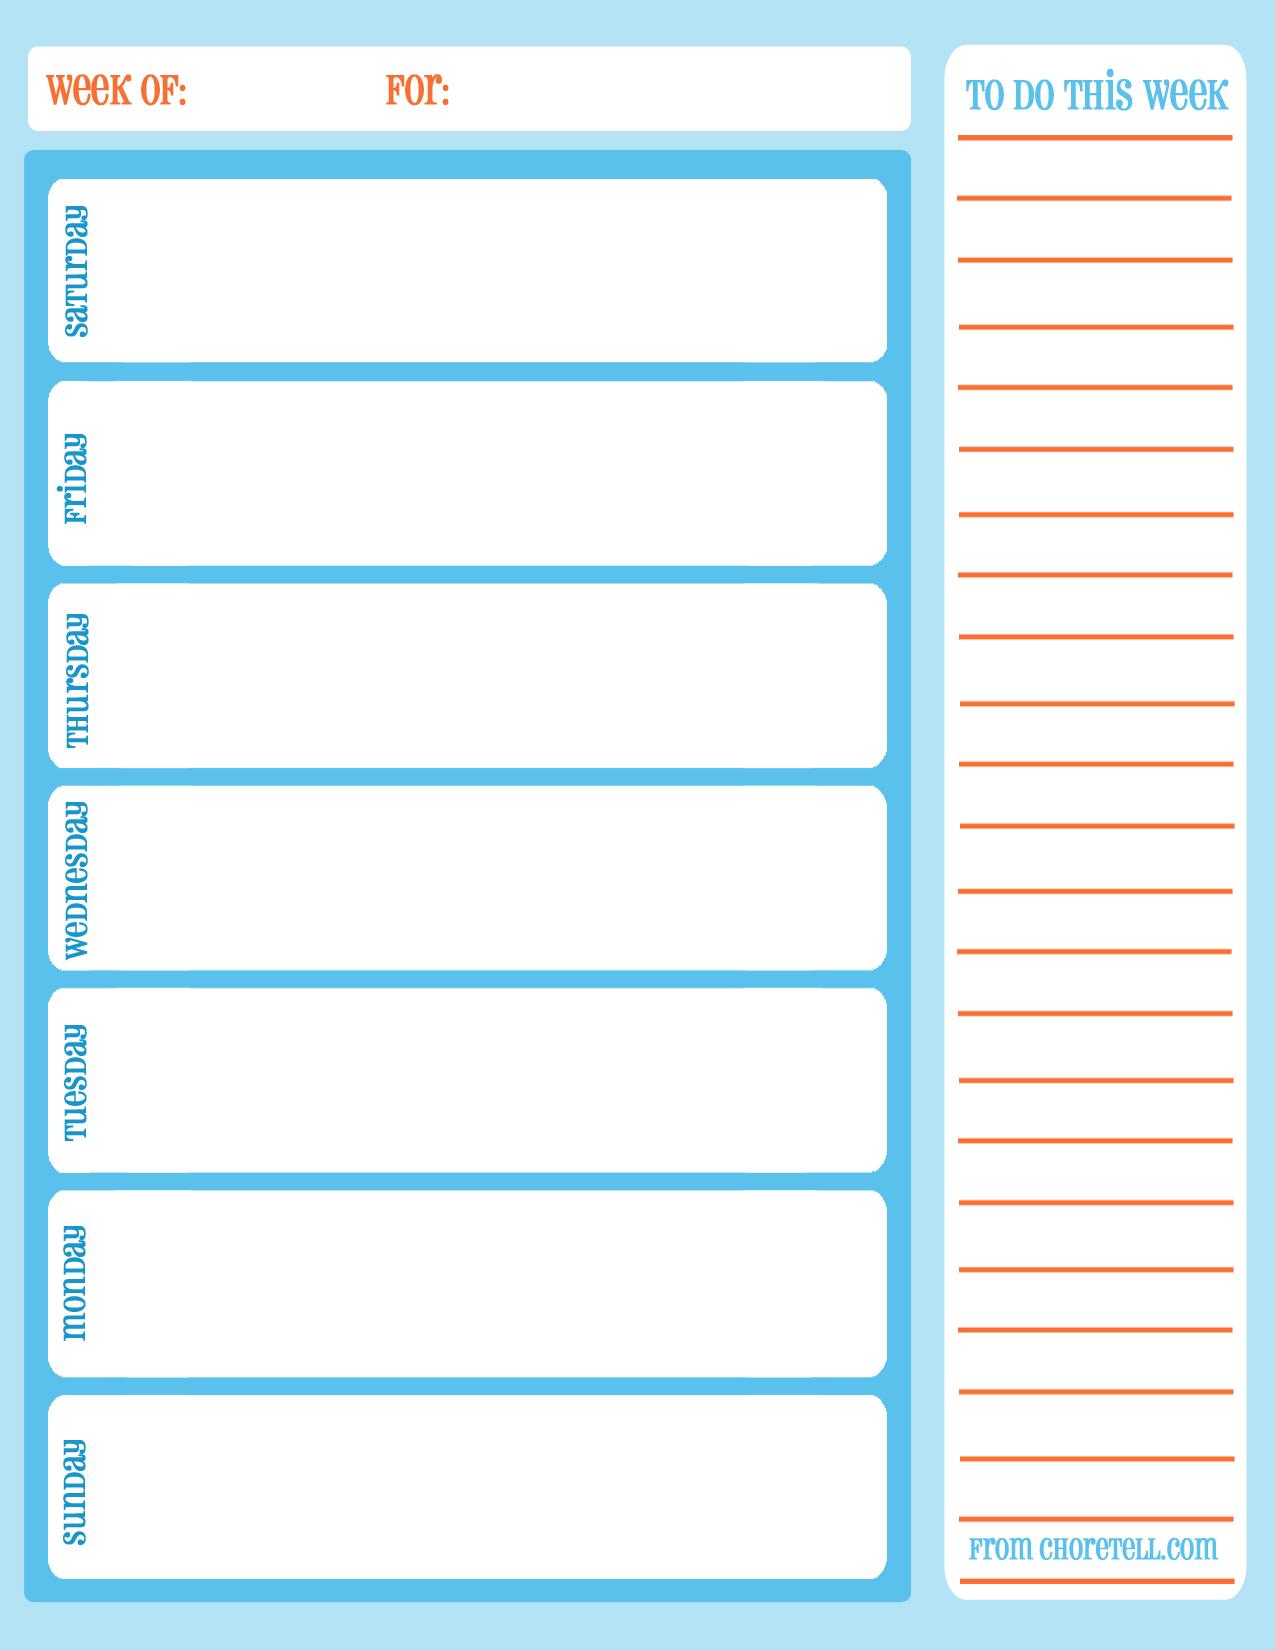 11 Images of Printable Weekly Task Schedule